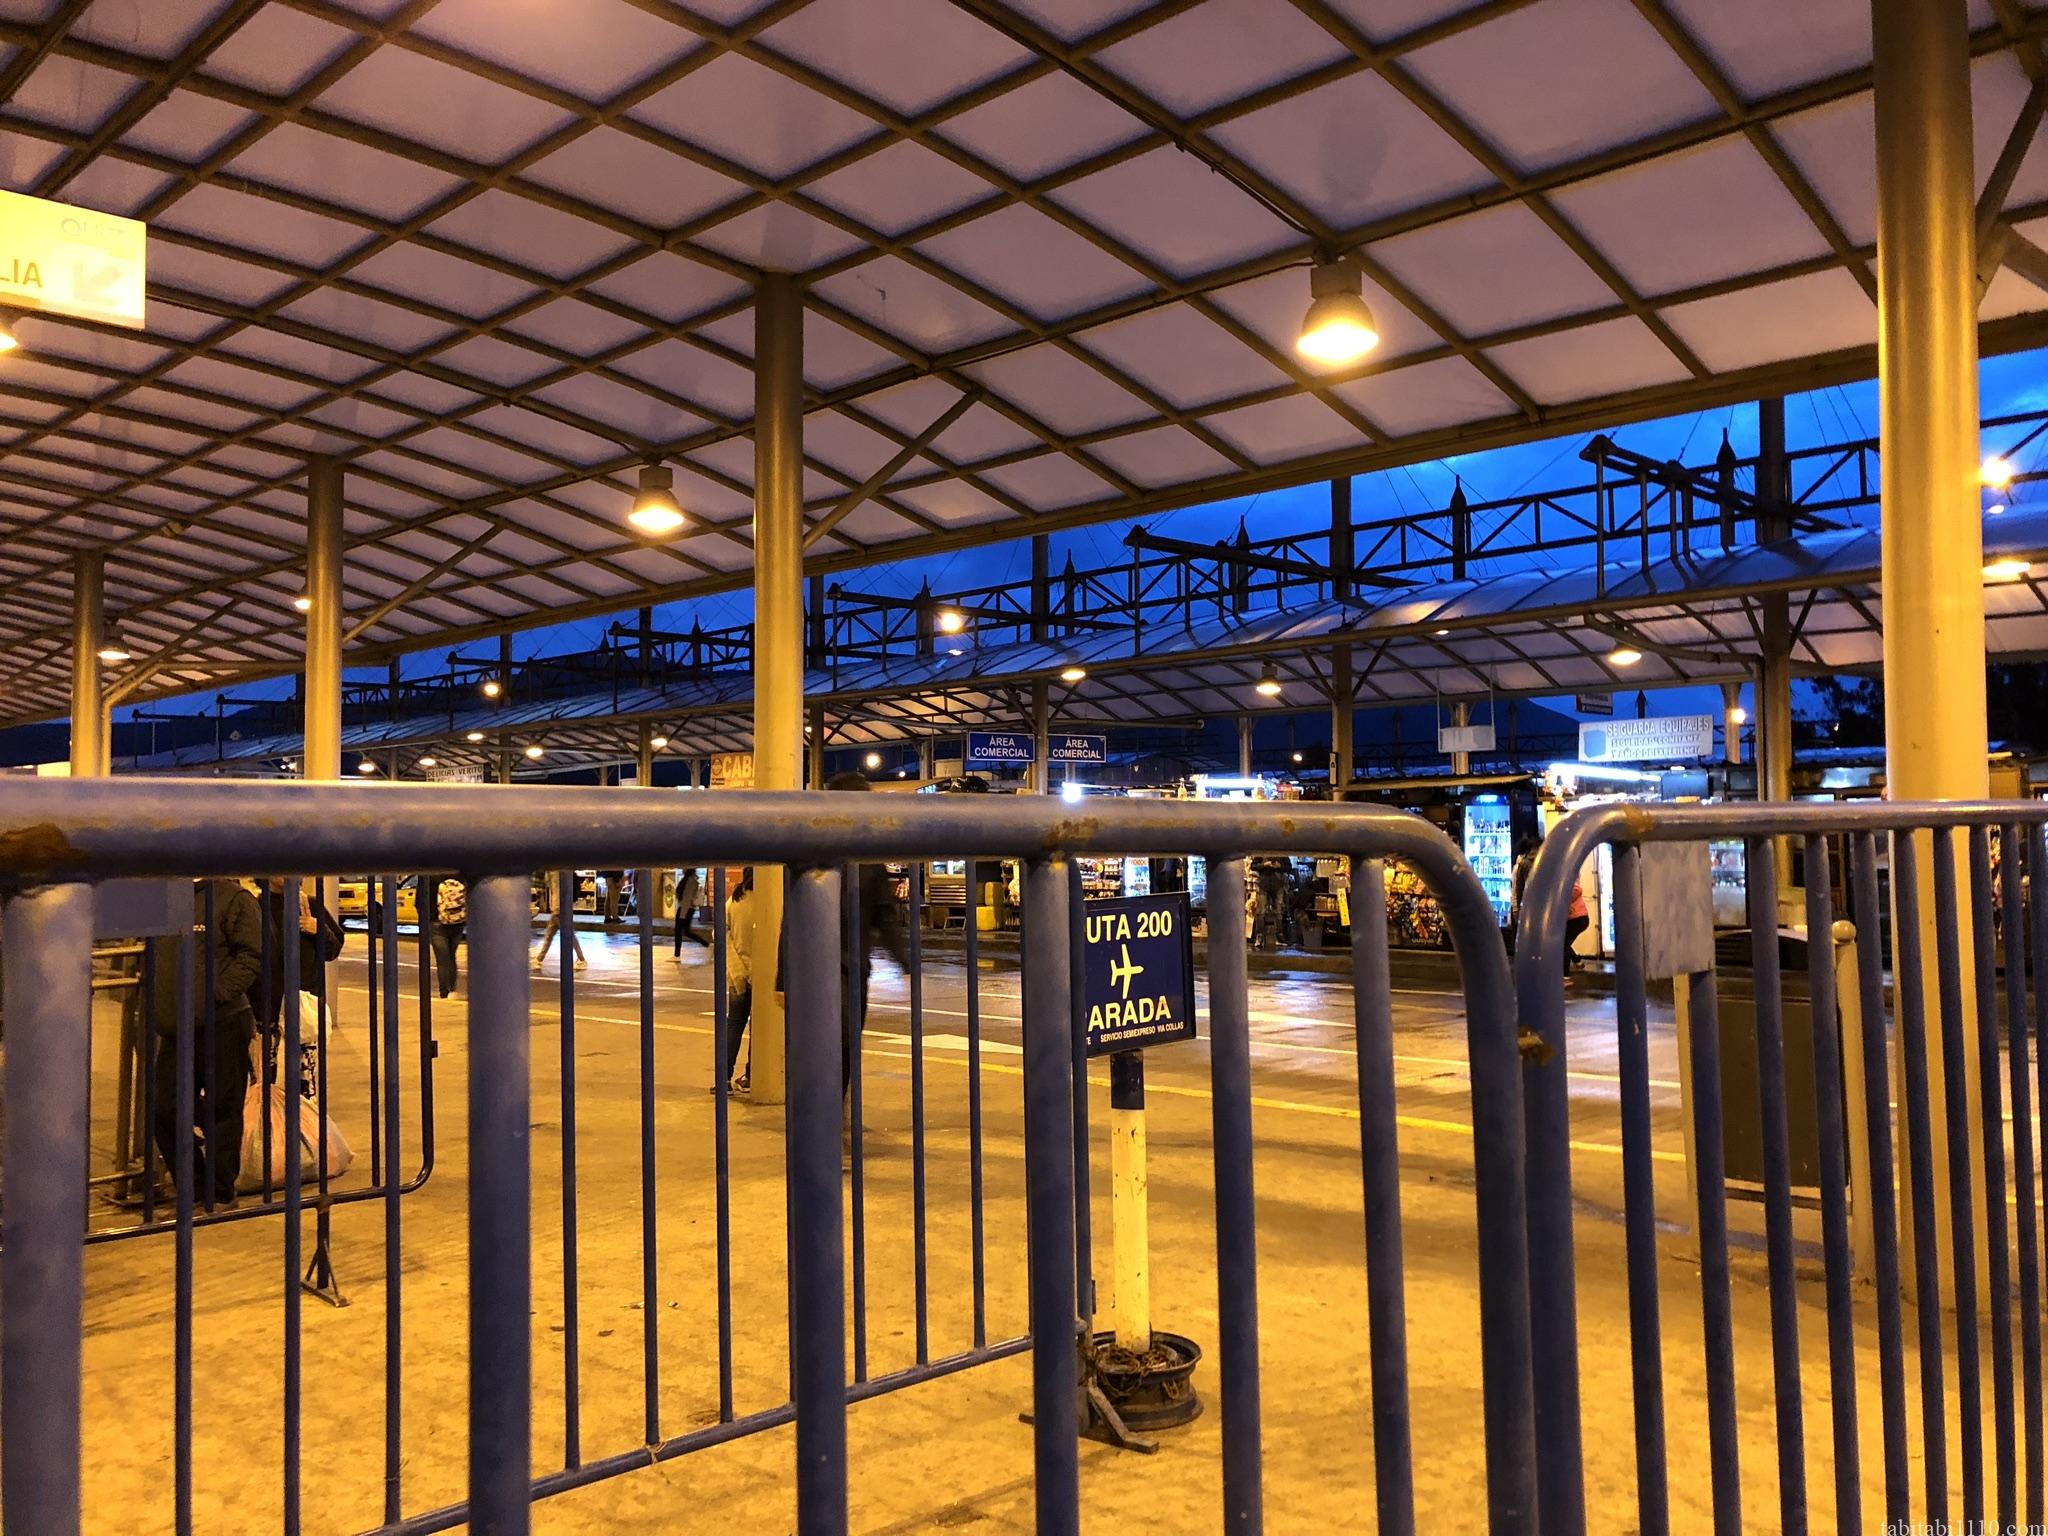 キトのバスターミナル